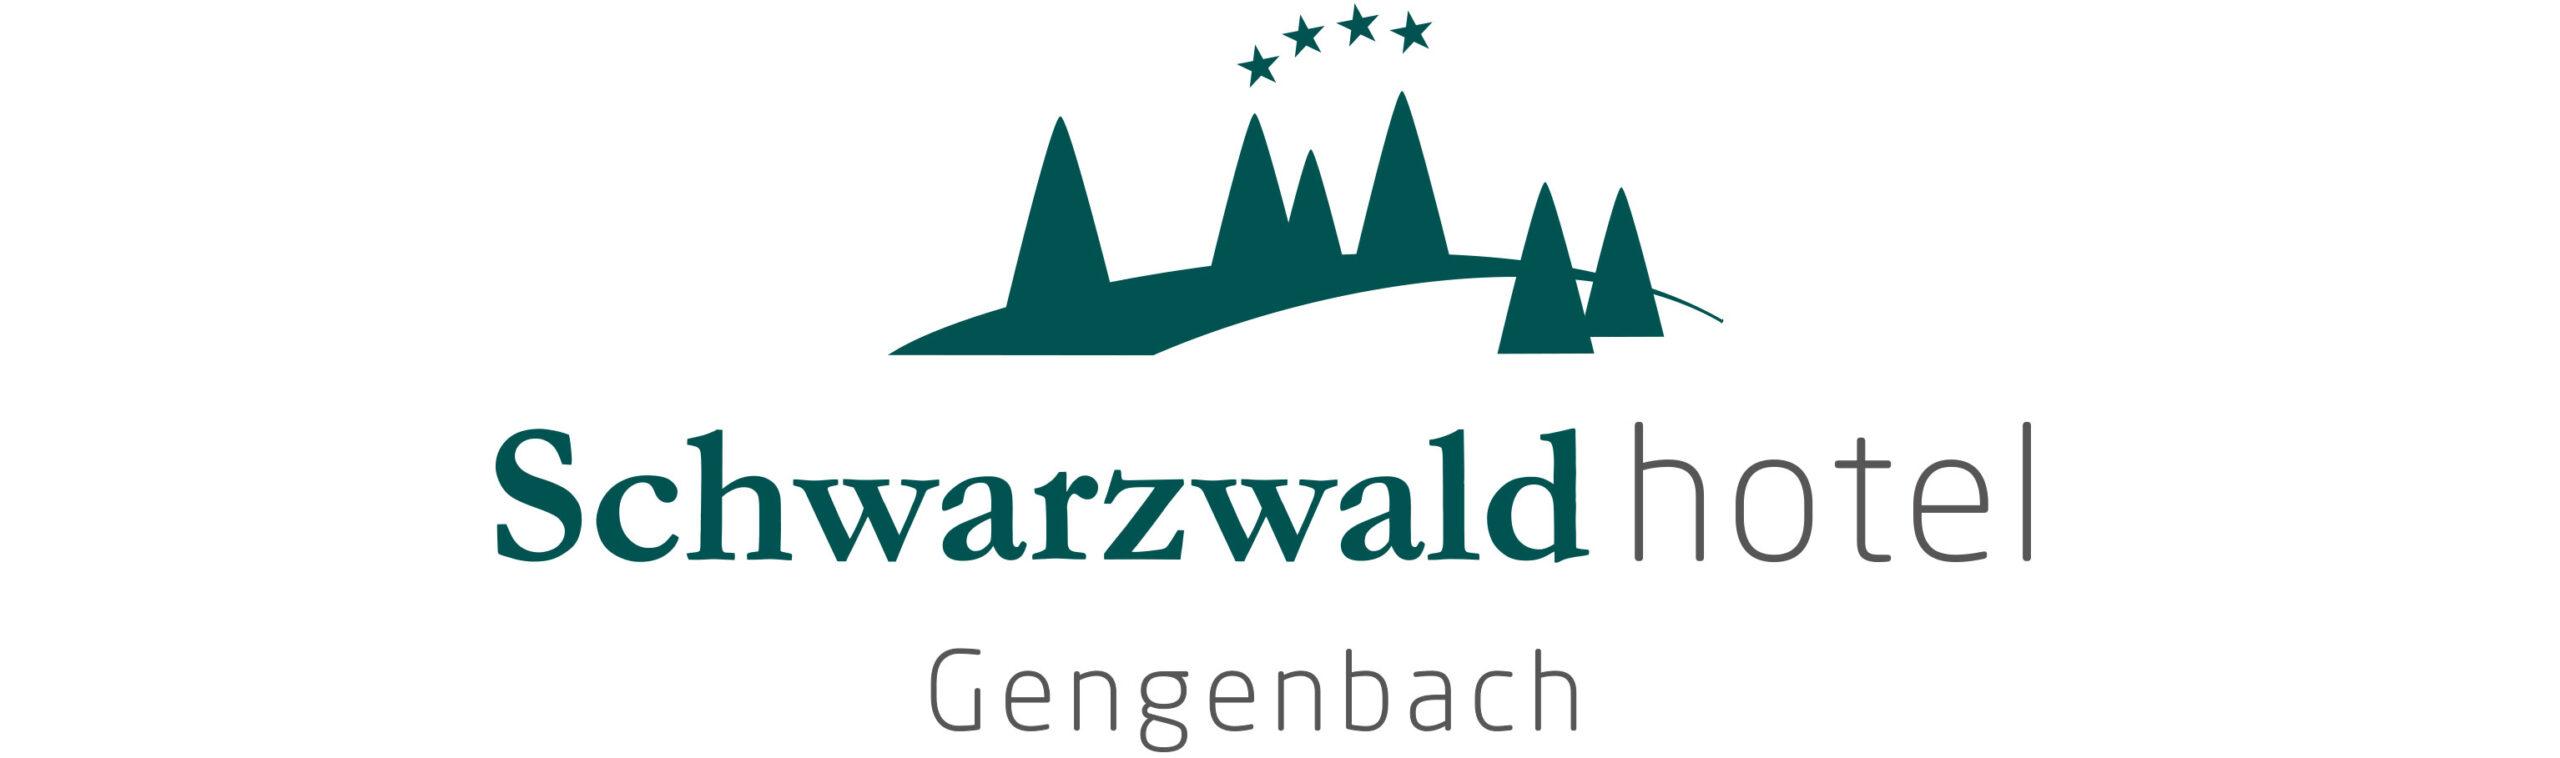 Schwarzwaldhotel Logogestaltung margate scaled MARGATE - Agentur für Werbung